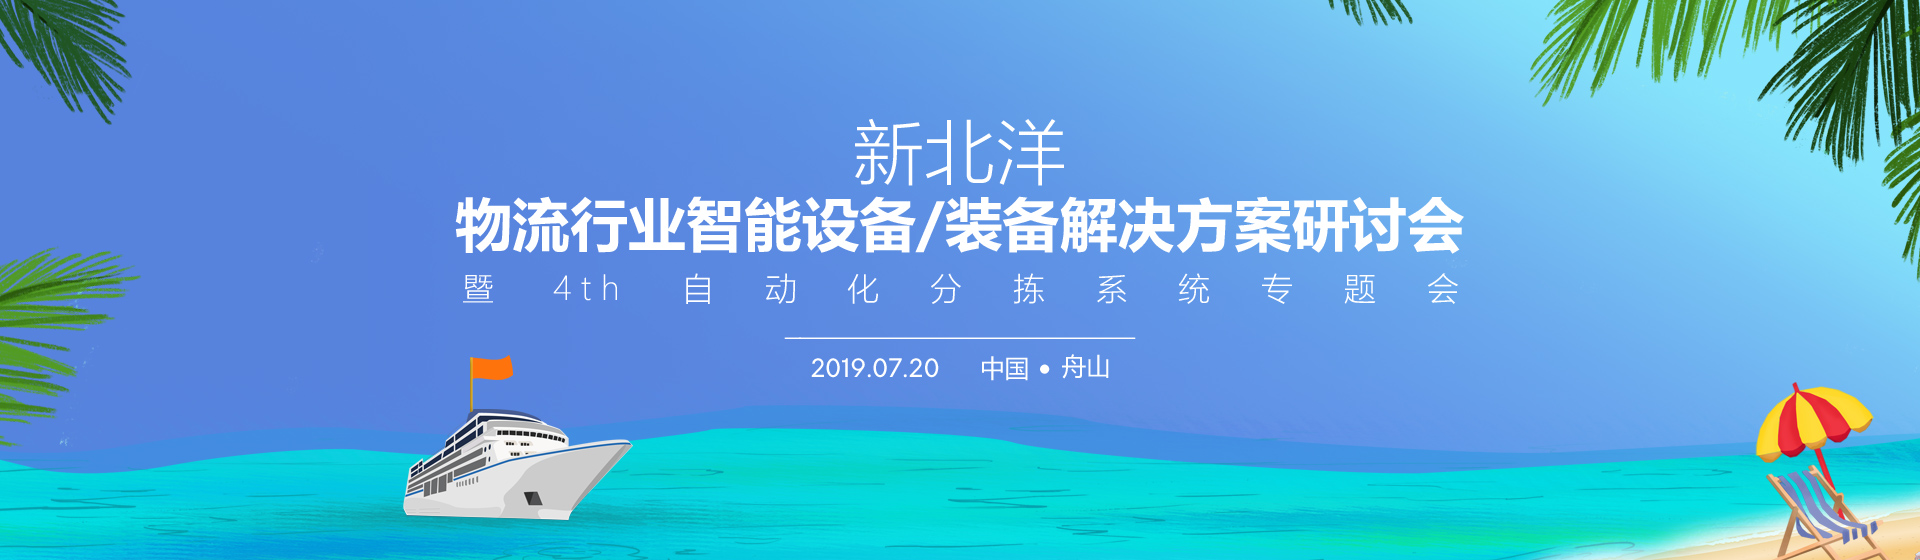 舟山物流研讨会